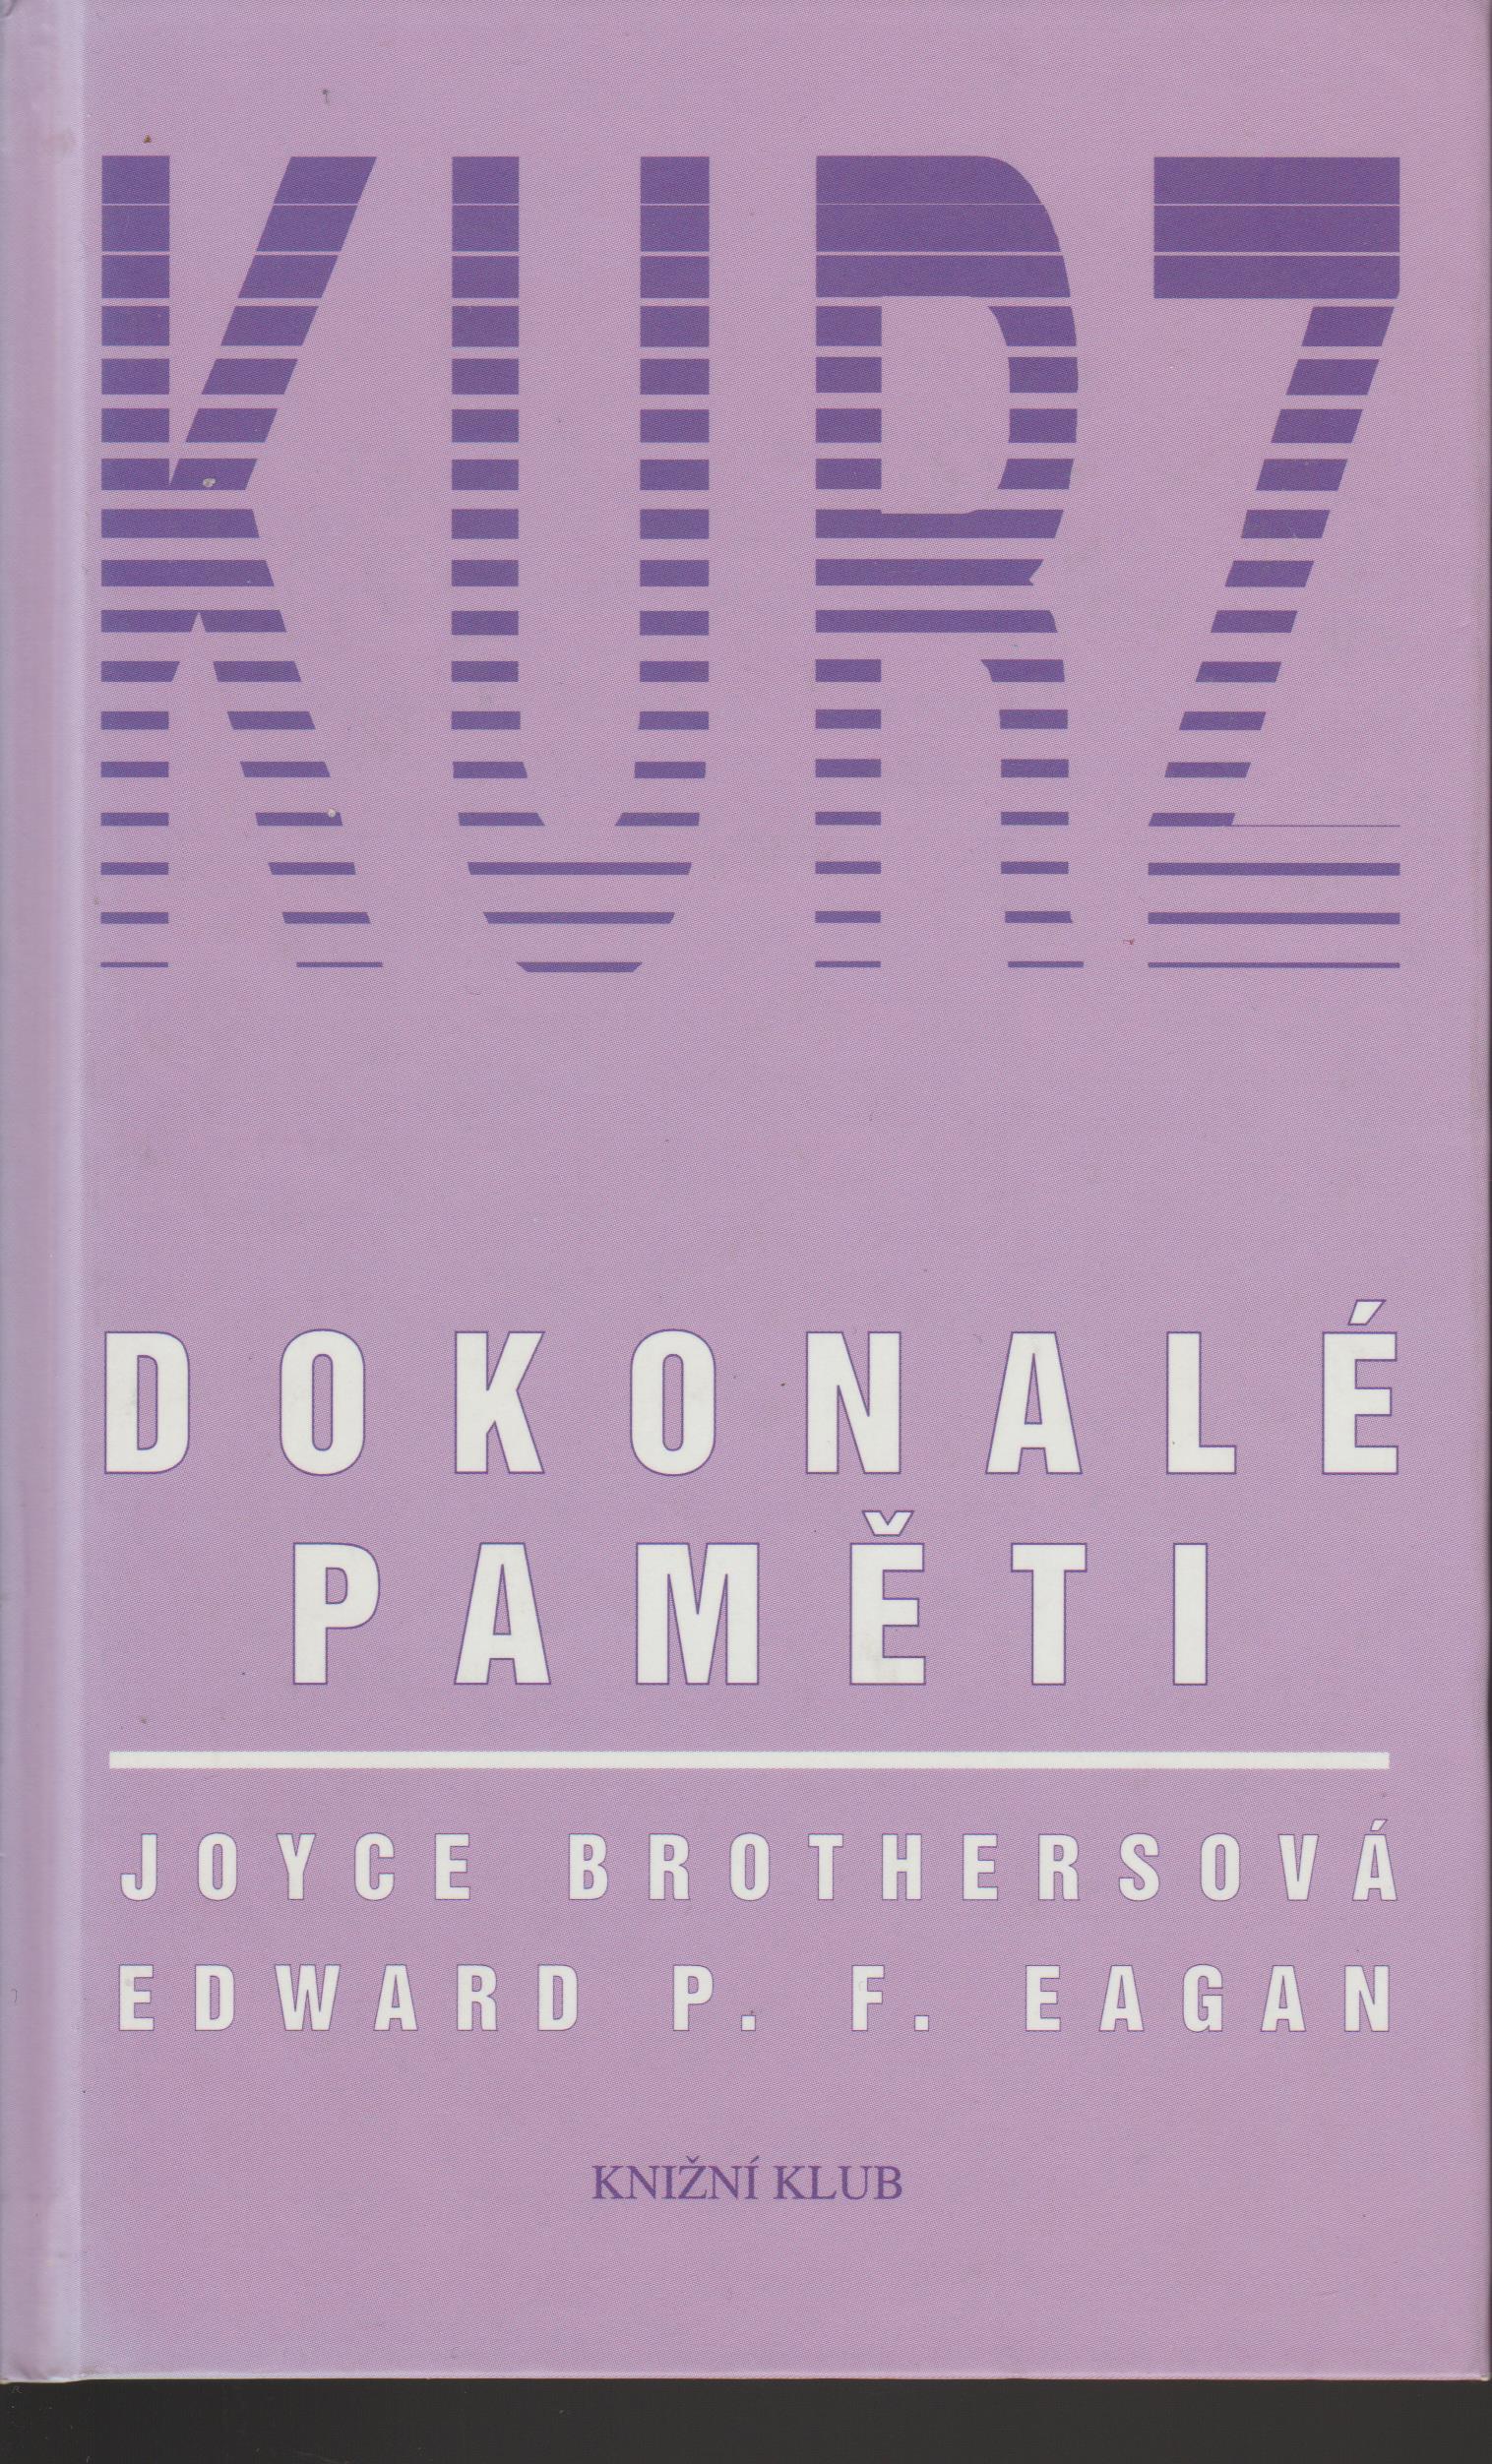 Kurz dokonalé paměti - Joyce Brothers, Edward P